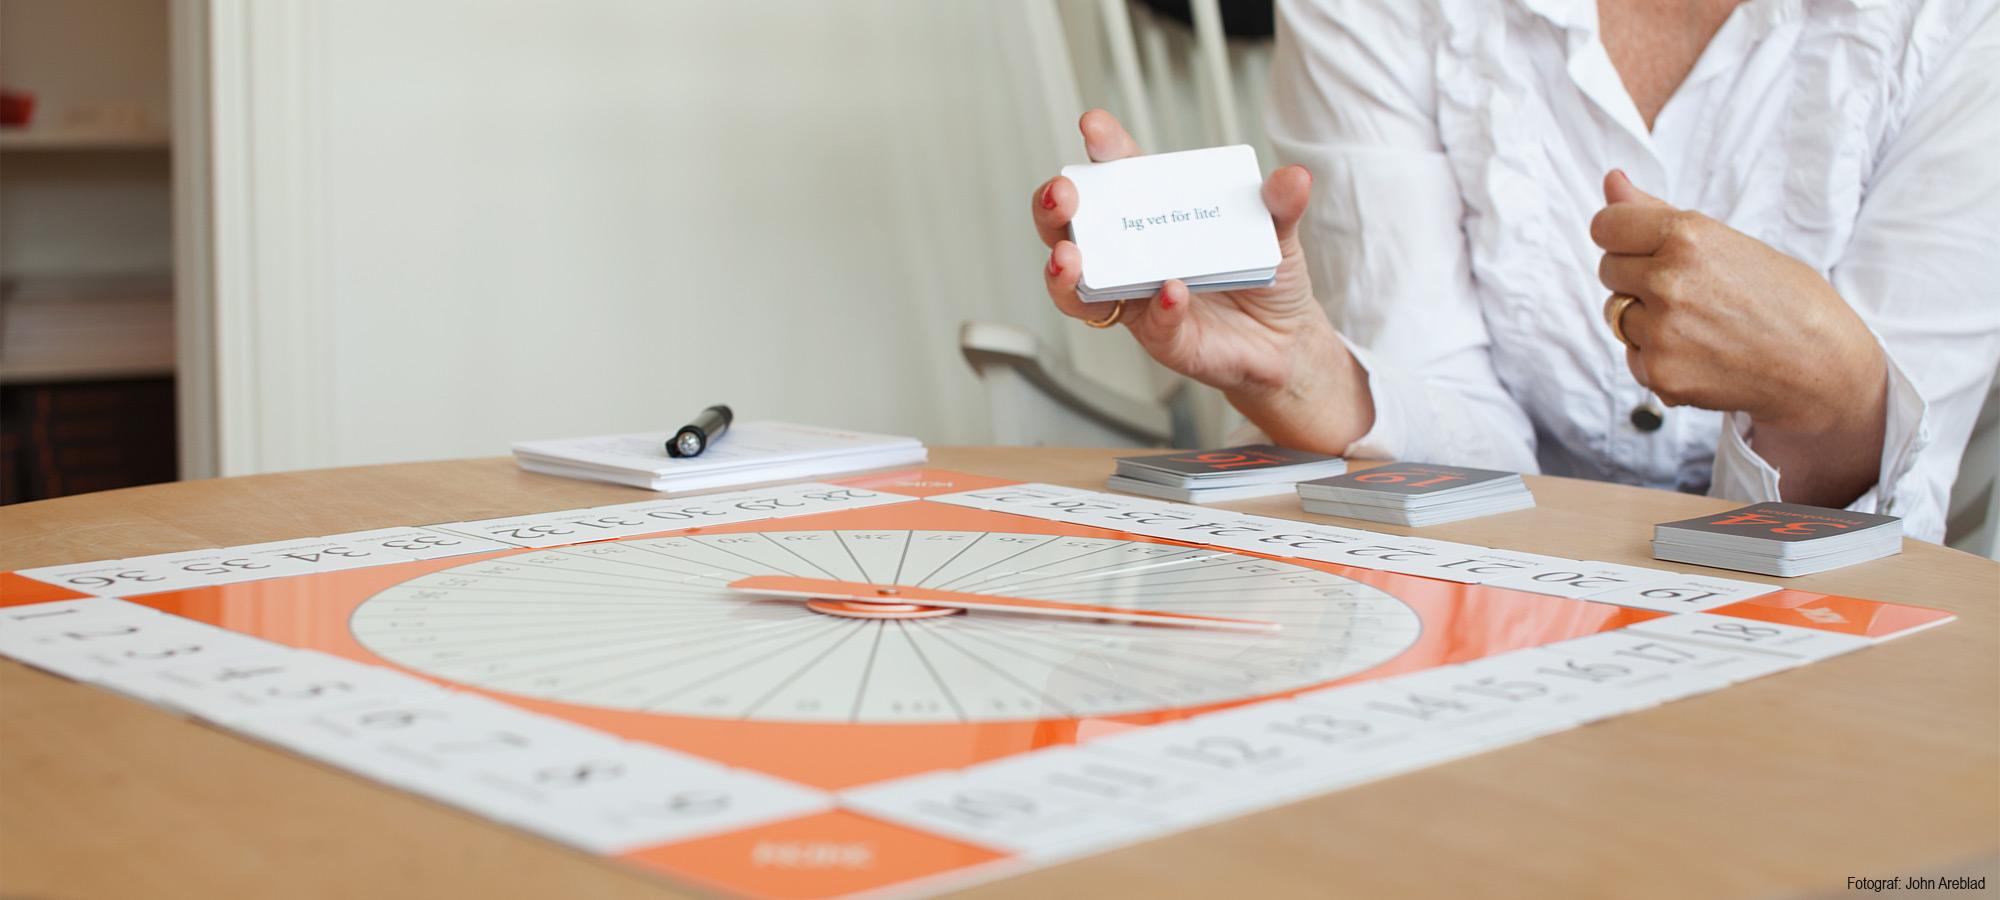 KKIKK spelet ett effektivt verktyg för att utveckla grupper att hitta rätt väg framåt.